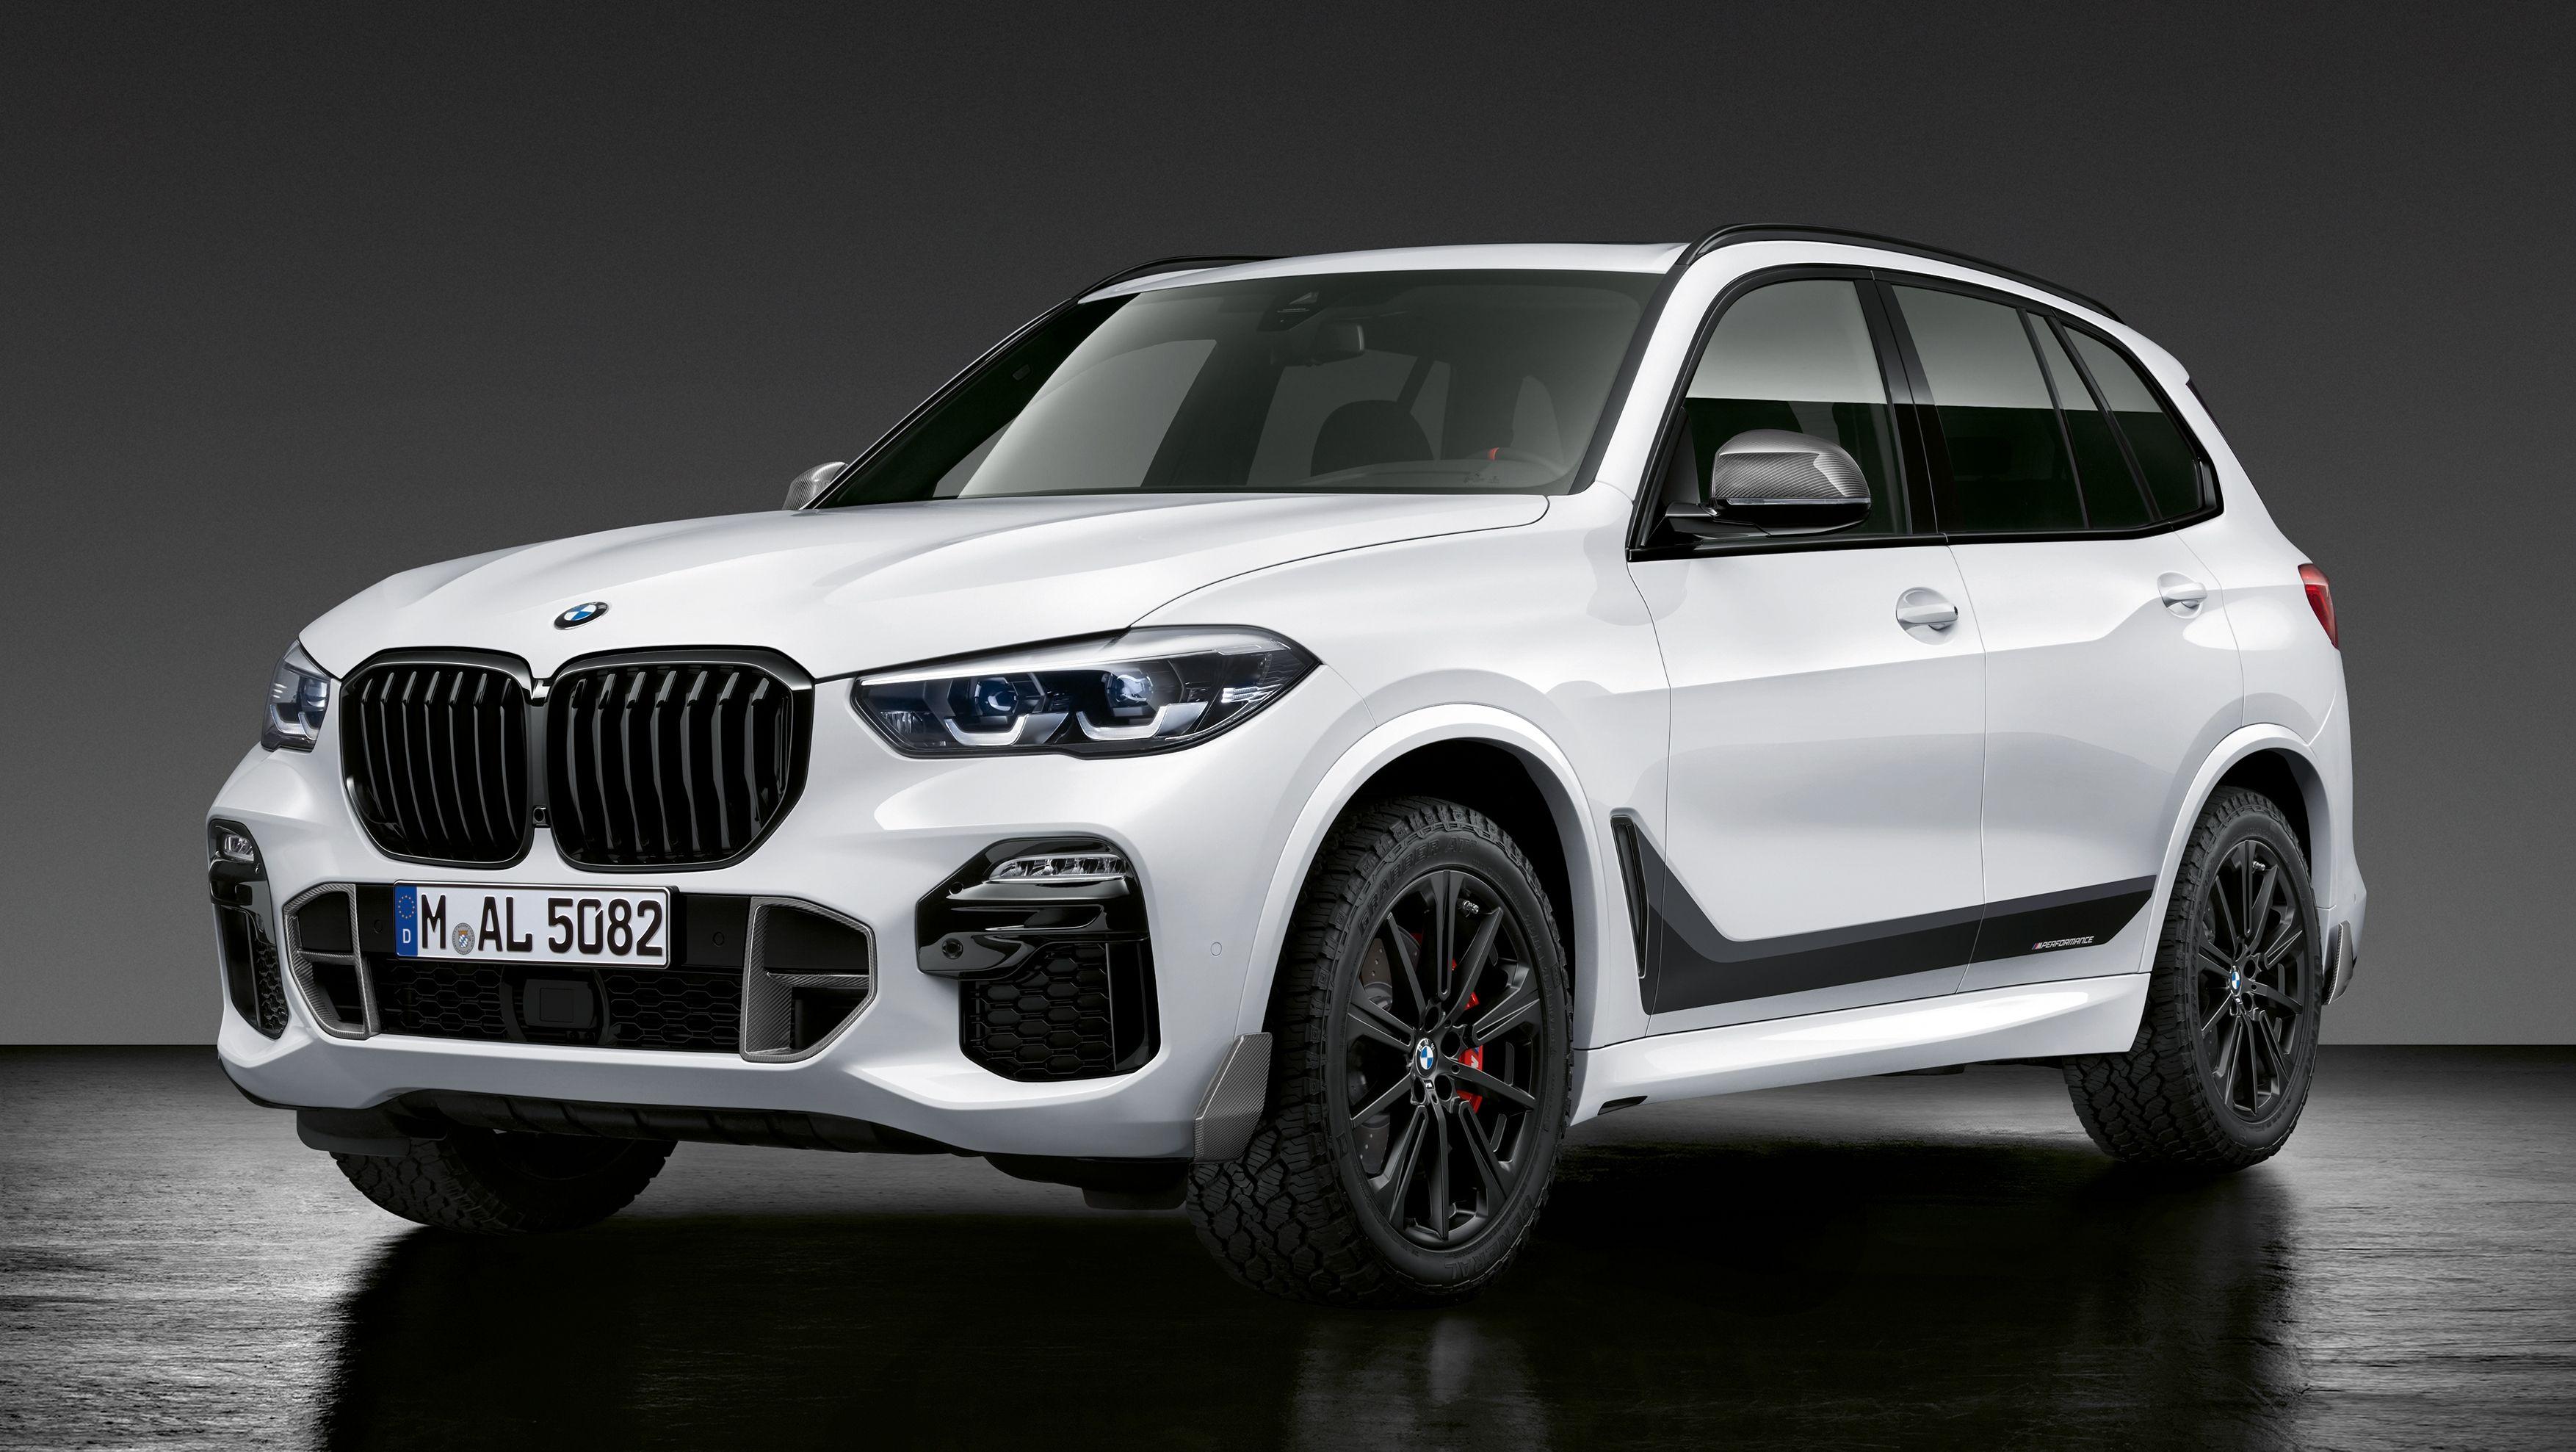 2019 BMW X5 With M Performance Parts Bmw, Bmw x5, Super cars